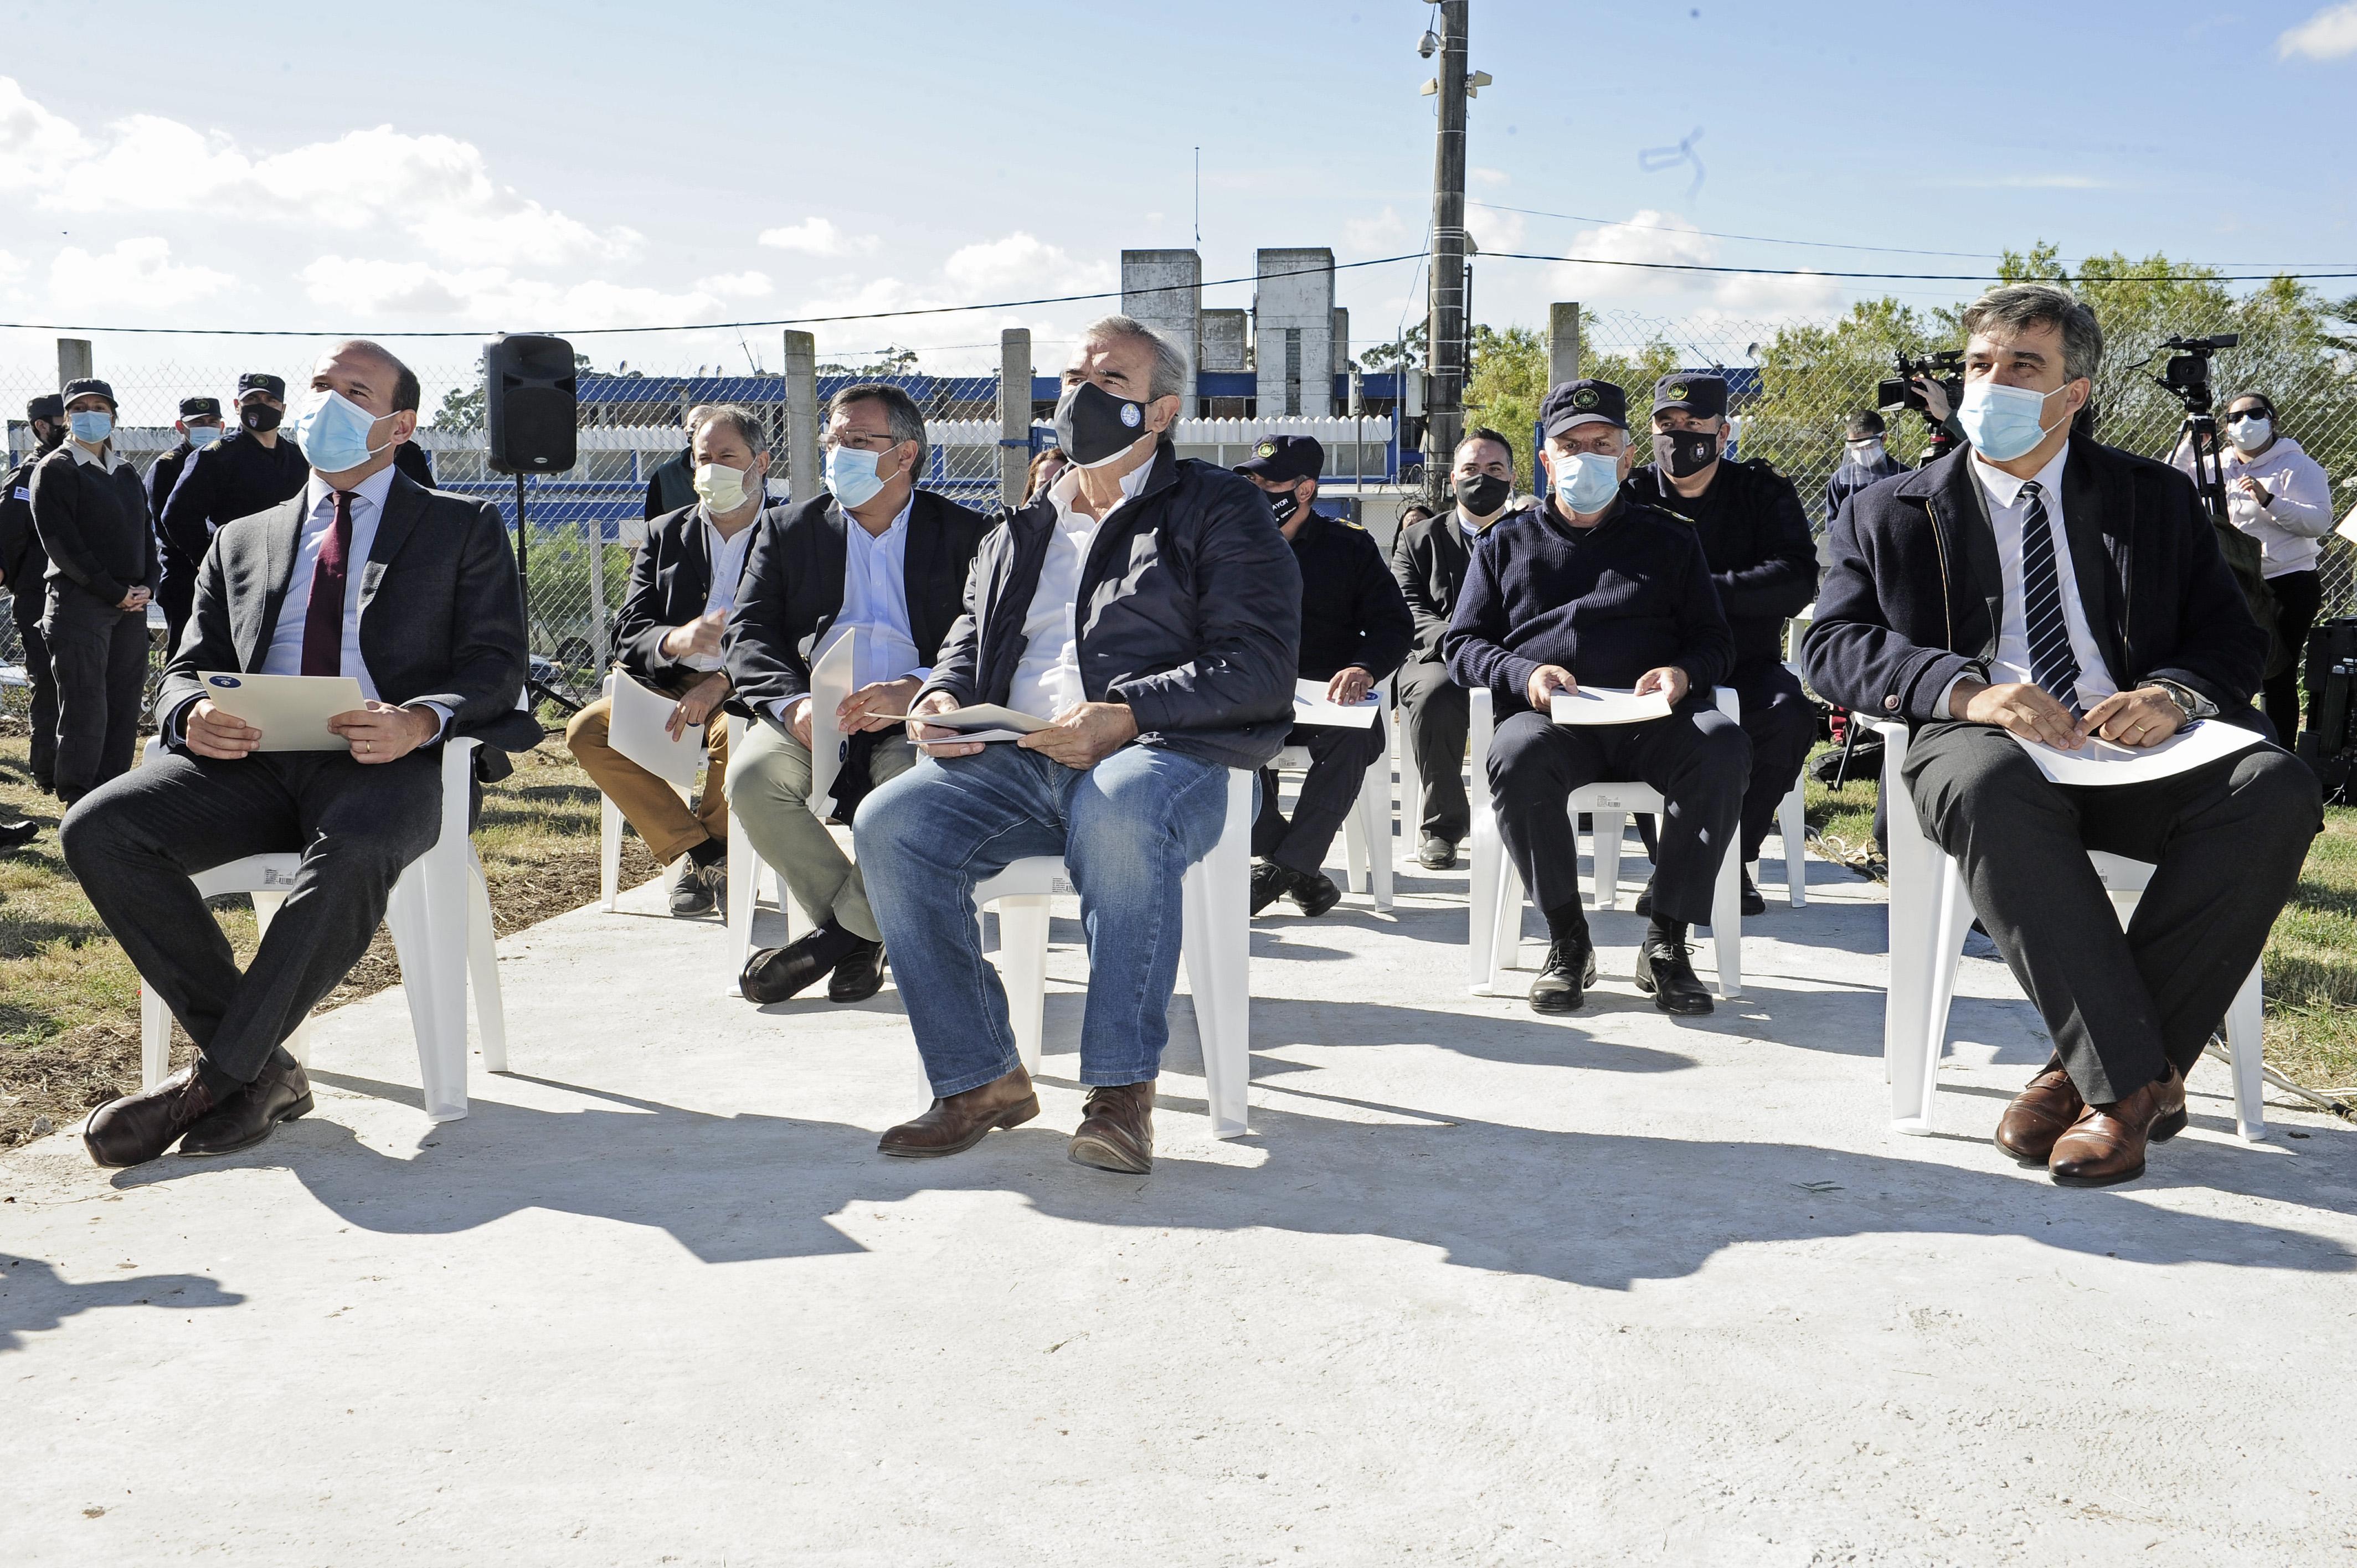 Autoridades en inaguración del centro de preegreso de personas privadas de libertad ubicado en la Unidad n.° 4 (Santiago Vázquez)